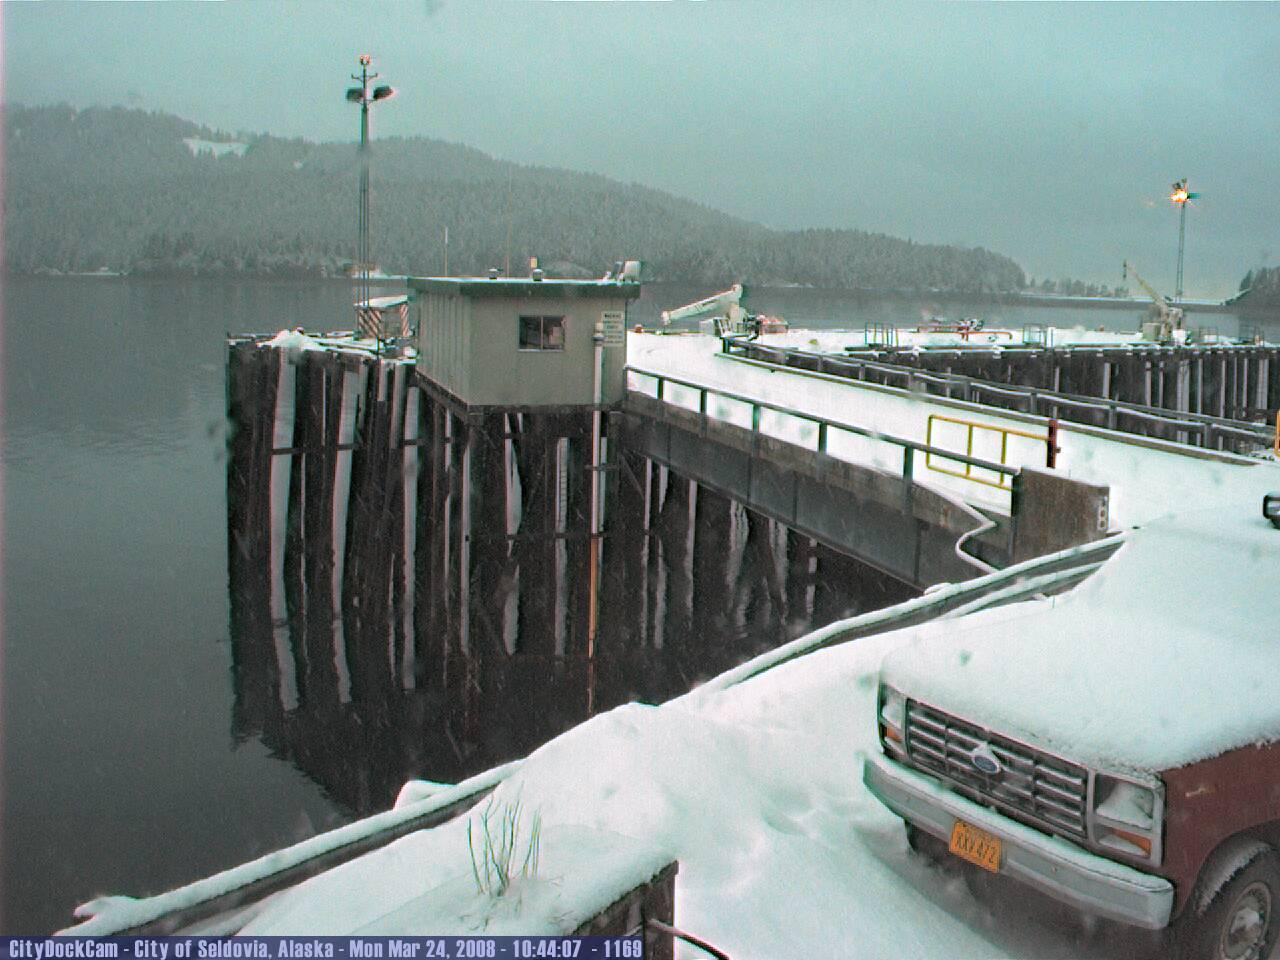 Seldovia City Dock Cam photo 1